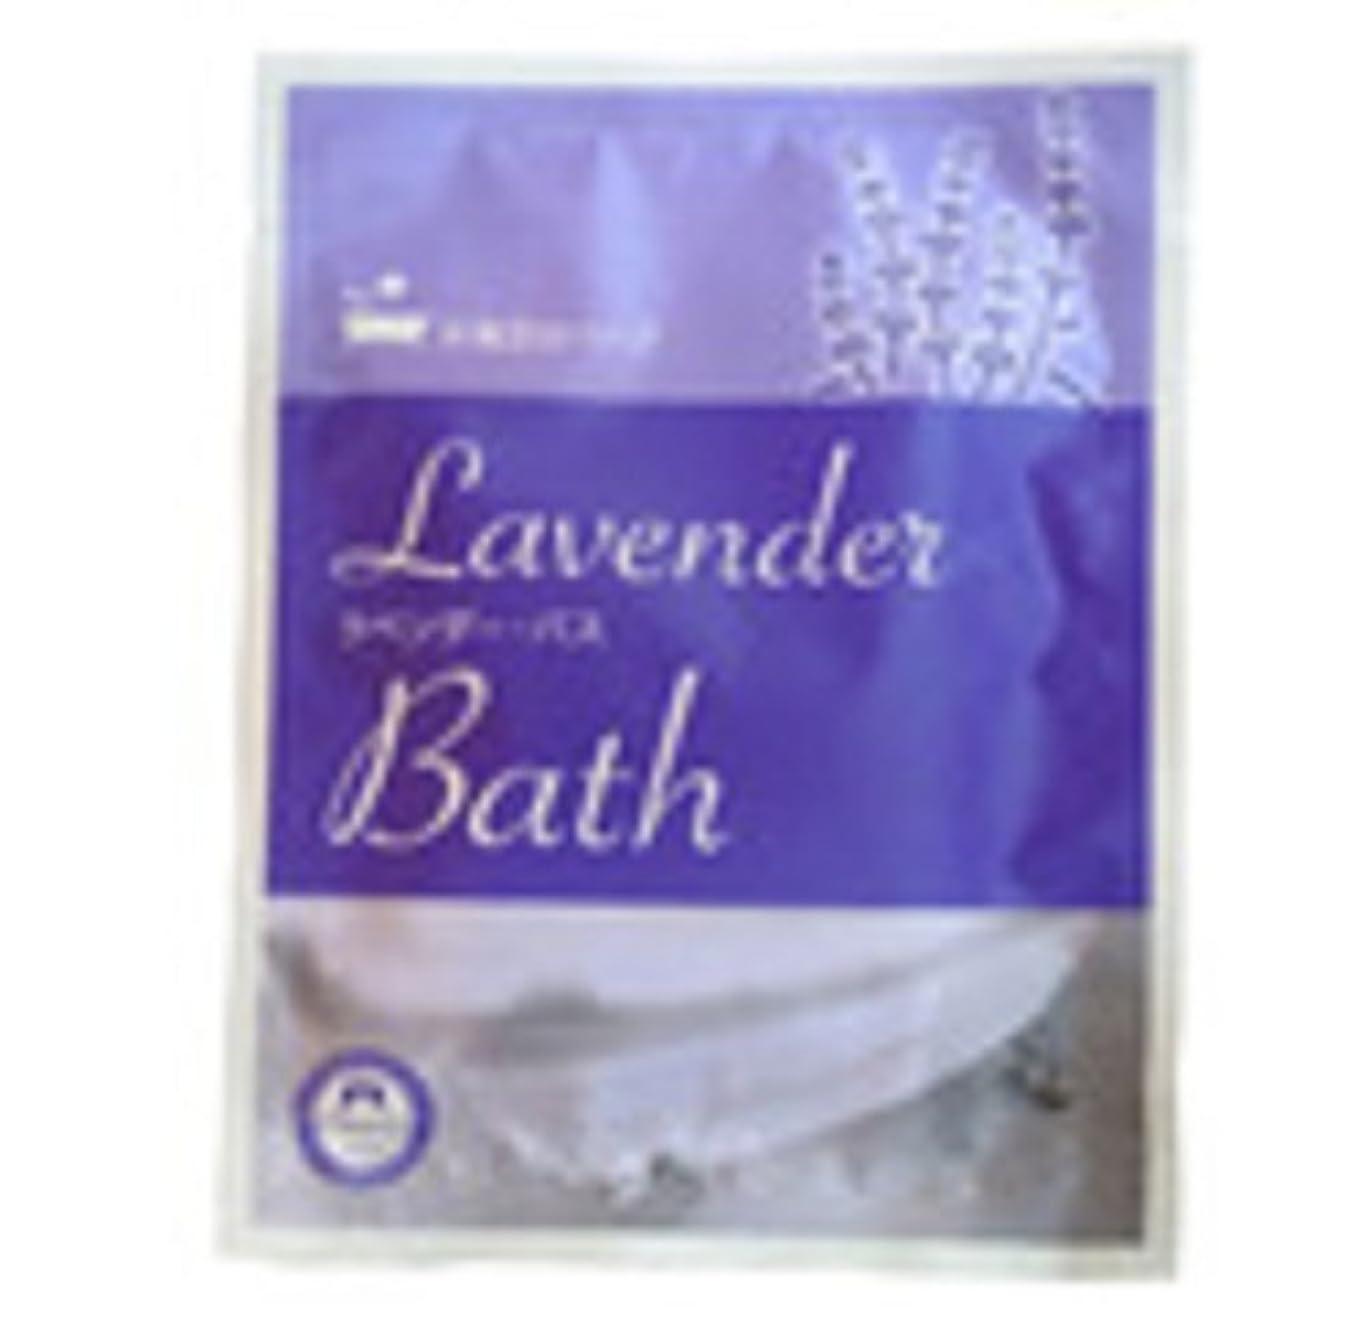 遺伝子洪水連続的お風呂のハーブ ラベンダー 7g (ハーブ系)